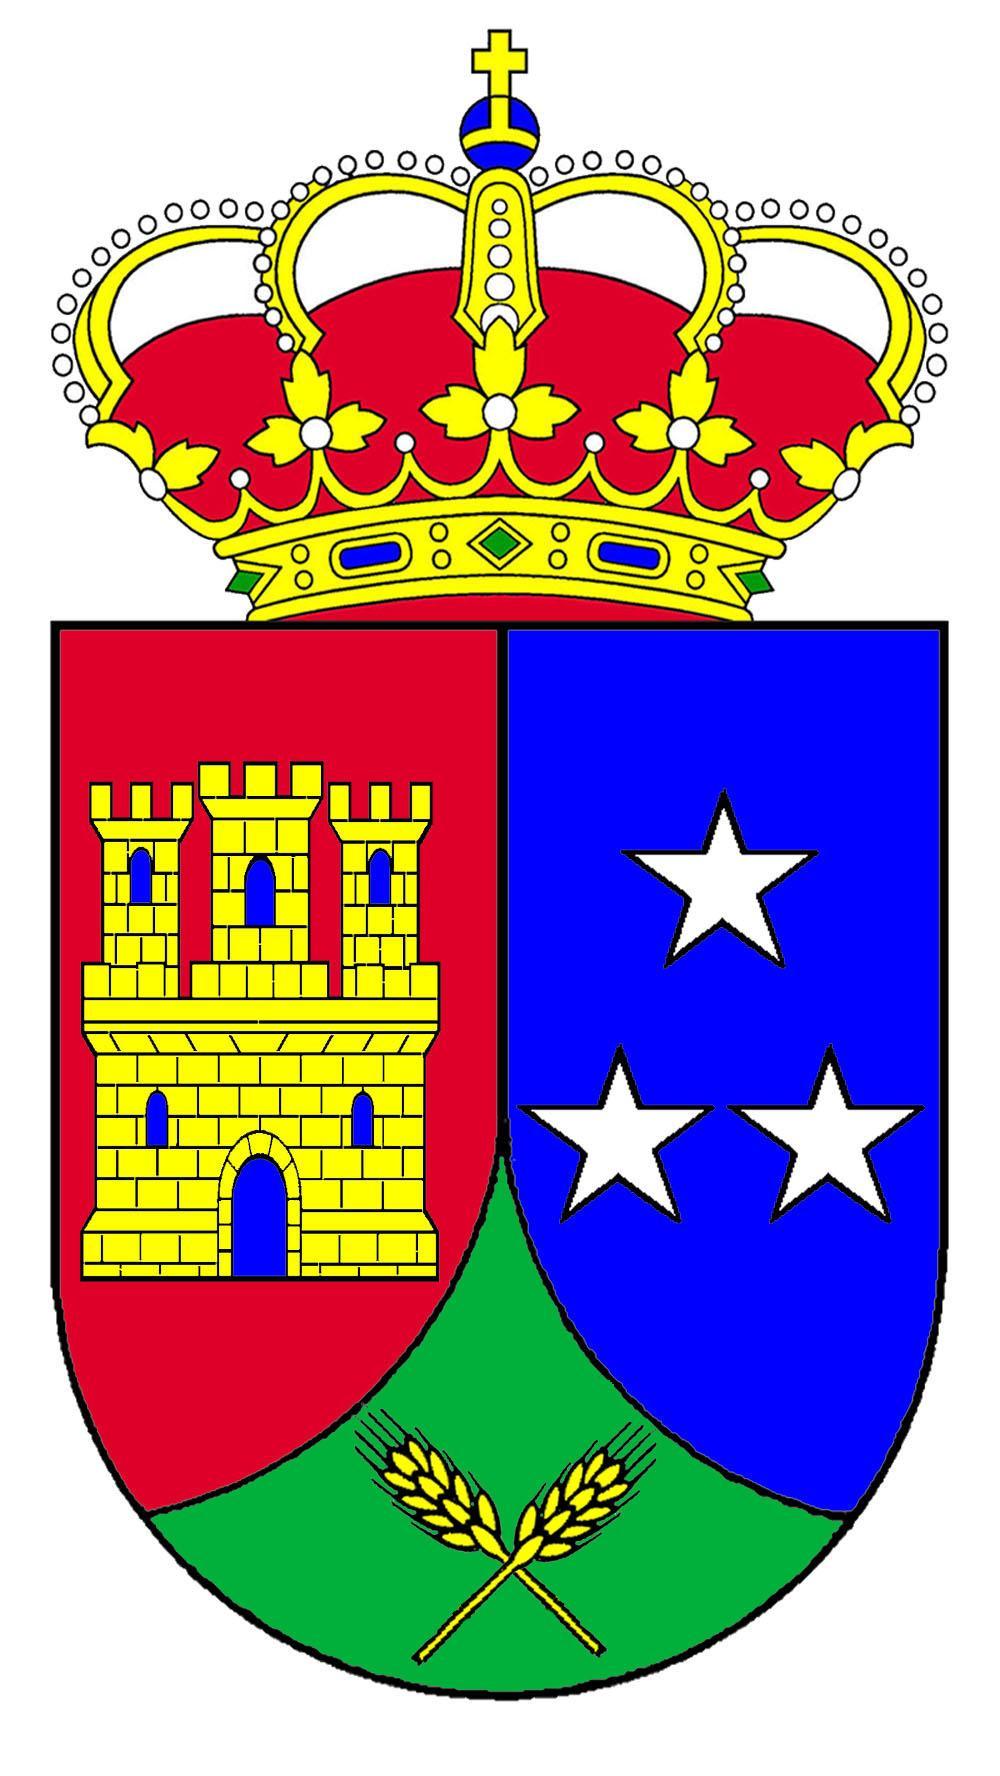 escudo casarrubuelos